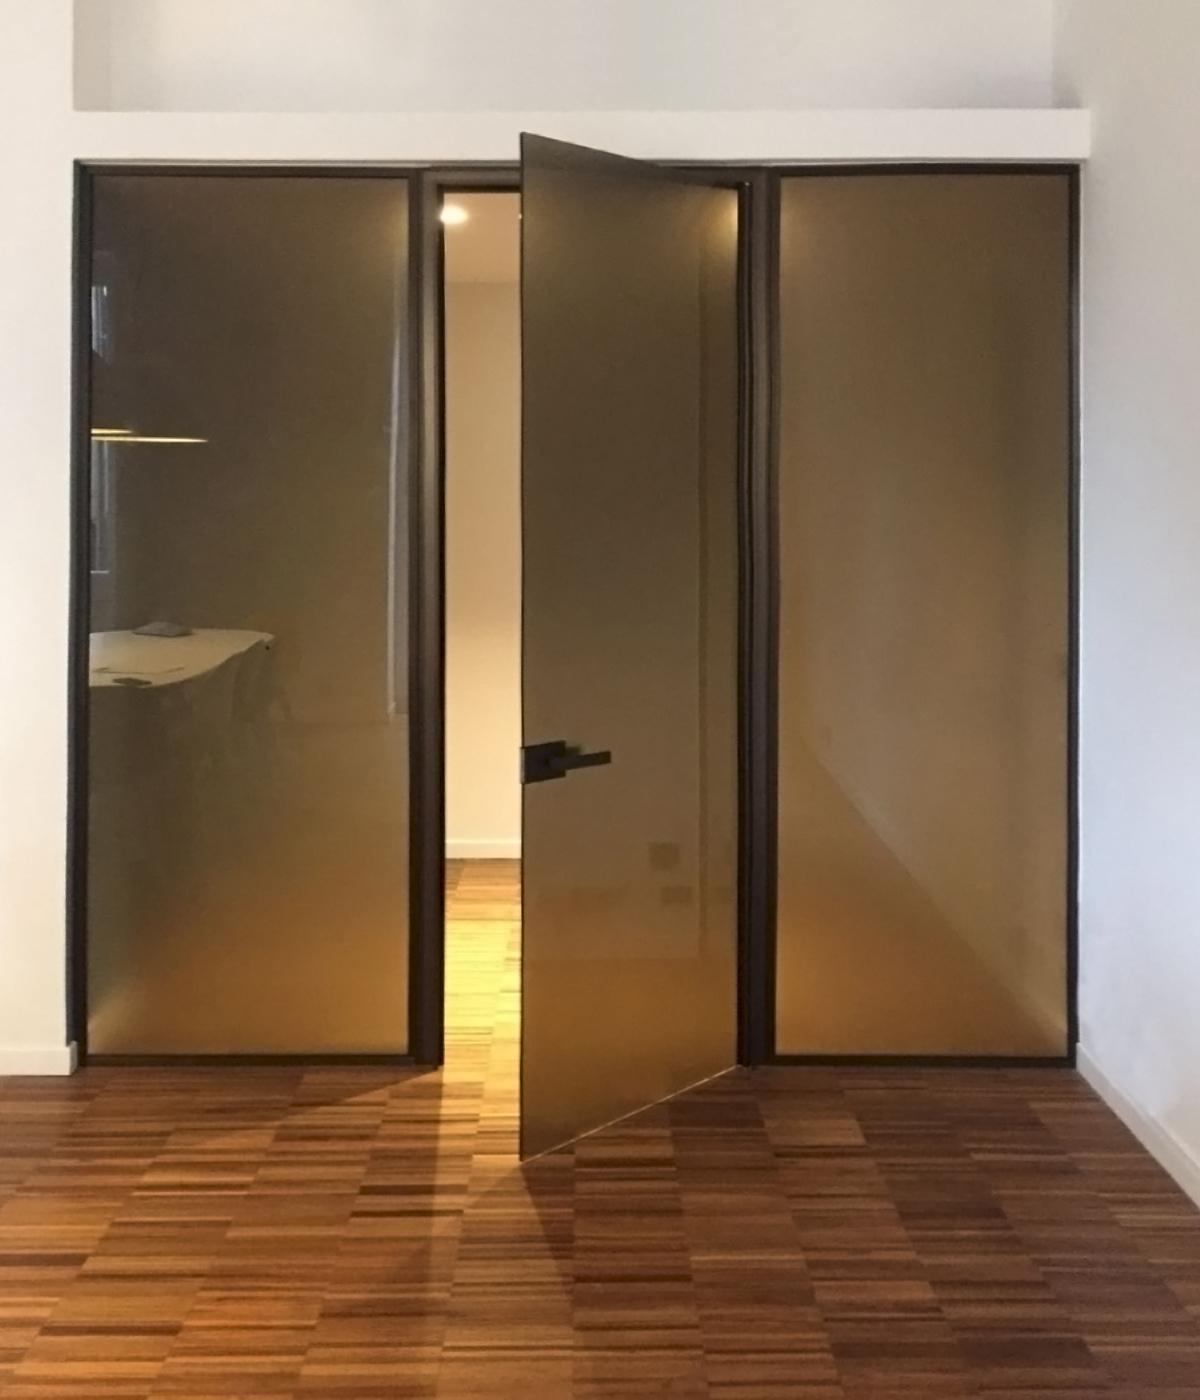 Parete Divisoria Con Porta Scorrevole pareti divisorie in vetro con porta a battente | henry glass